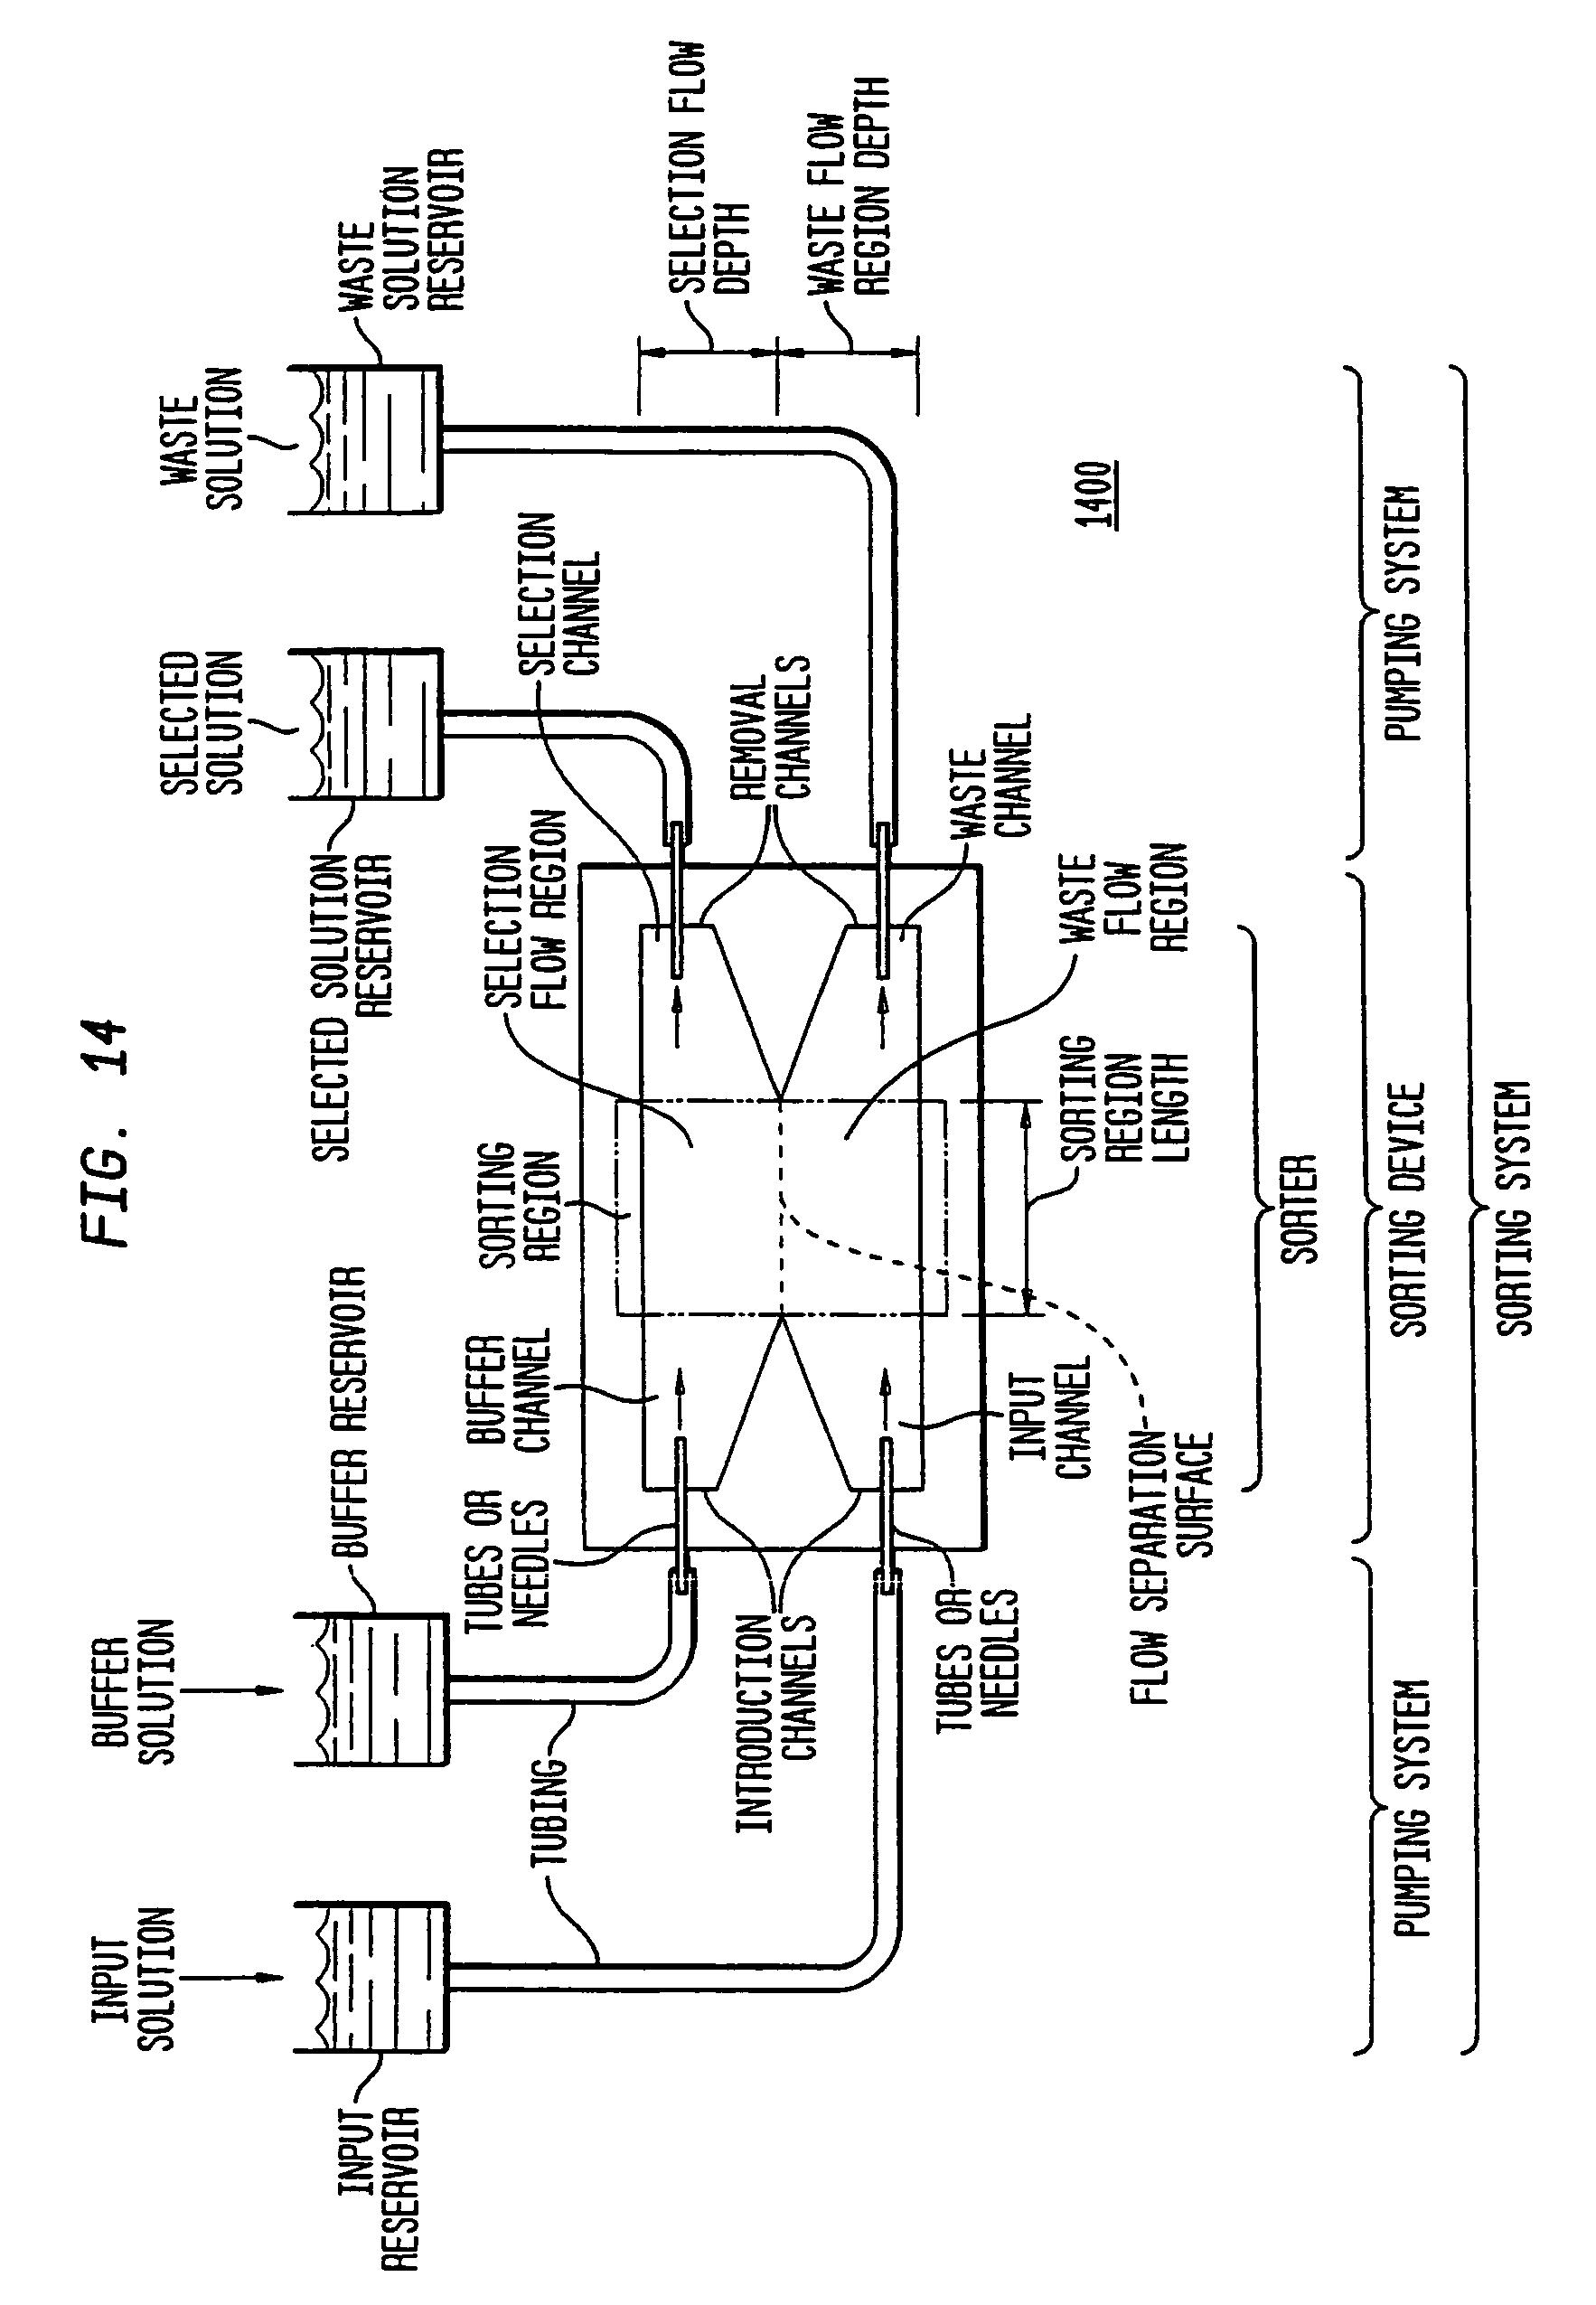 patent us7699767